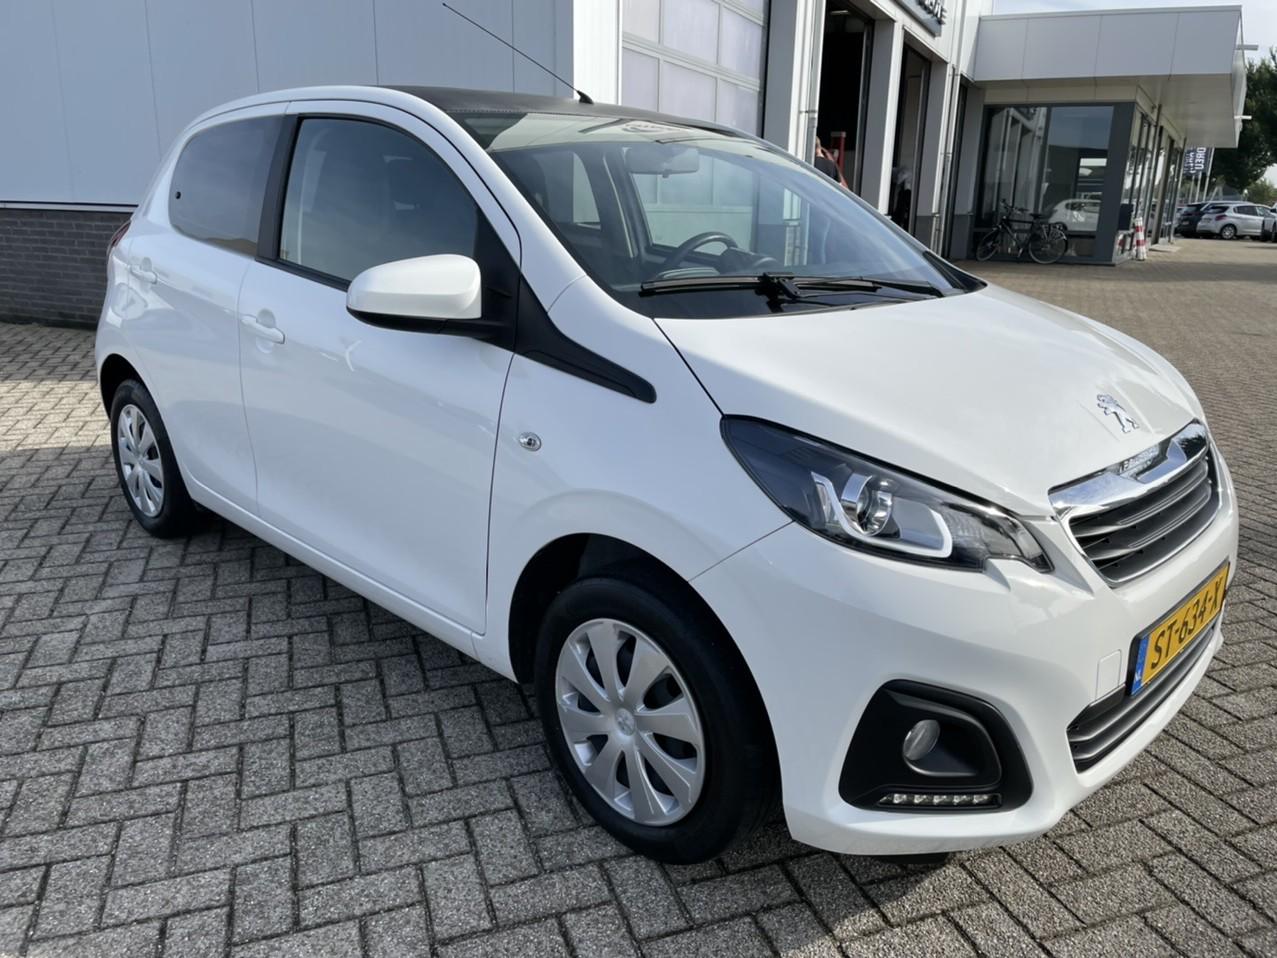 Peugeot 108 72 pk 5 drs rijklaar prijs